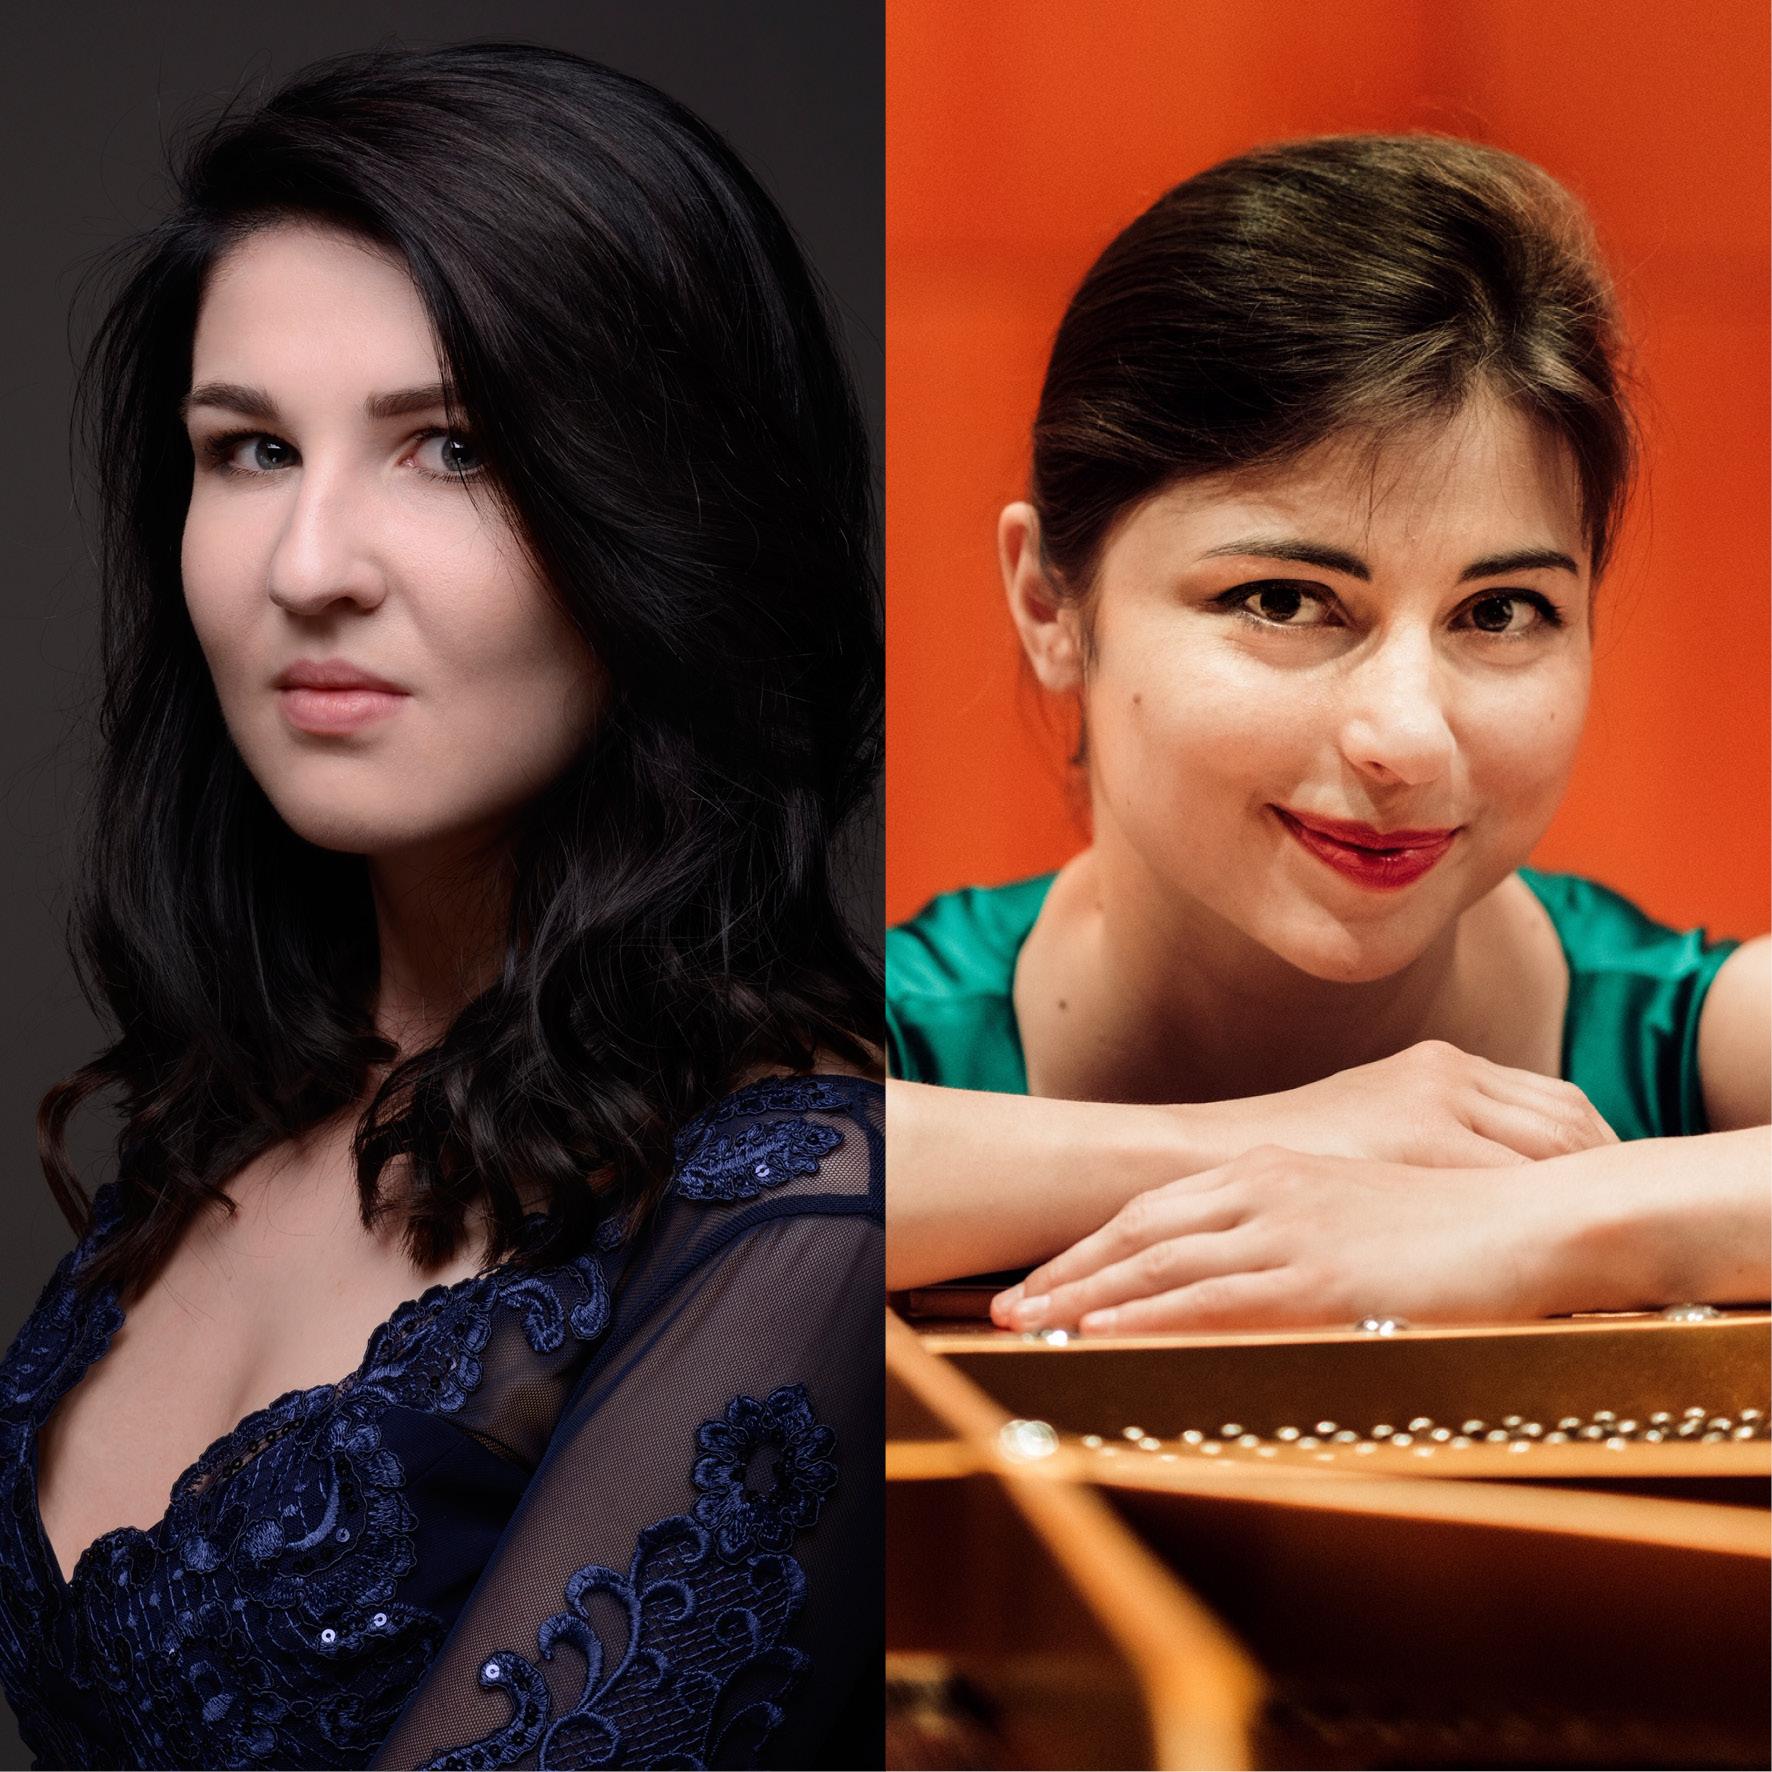 Duo 26: Małgorzata Rocławska / Olga Wien